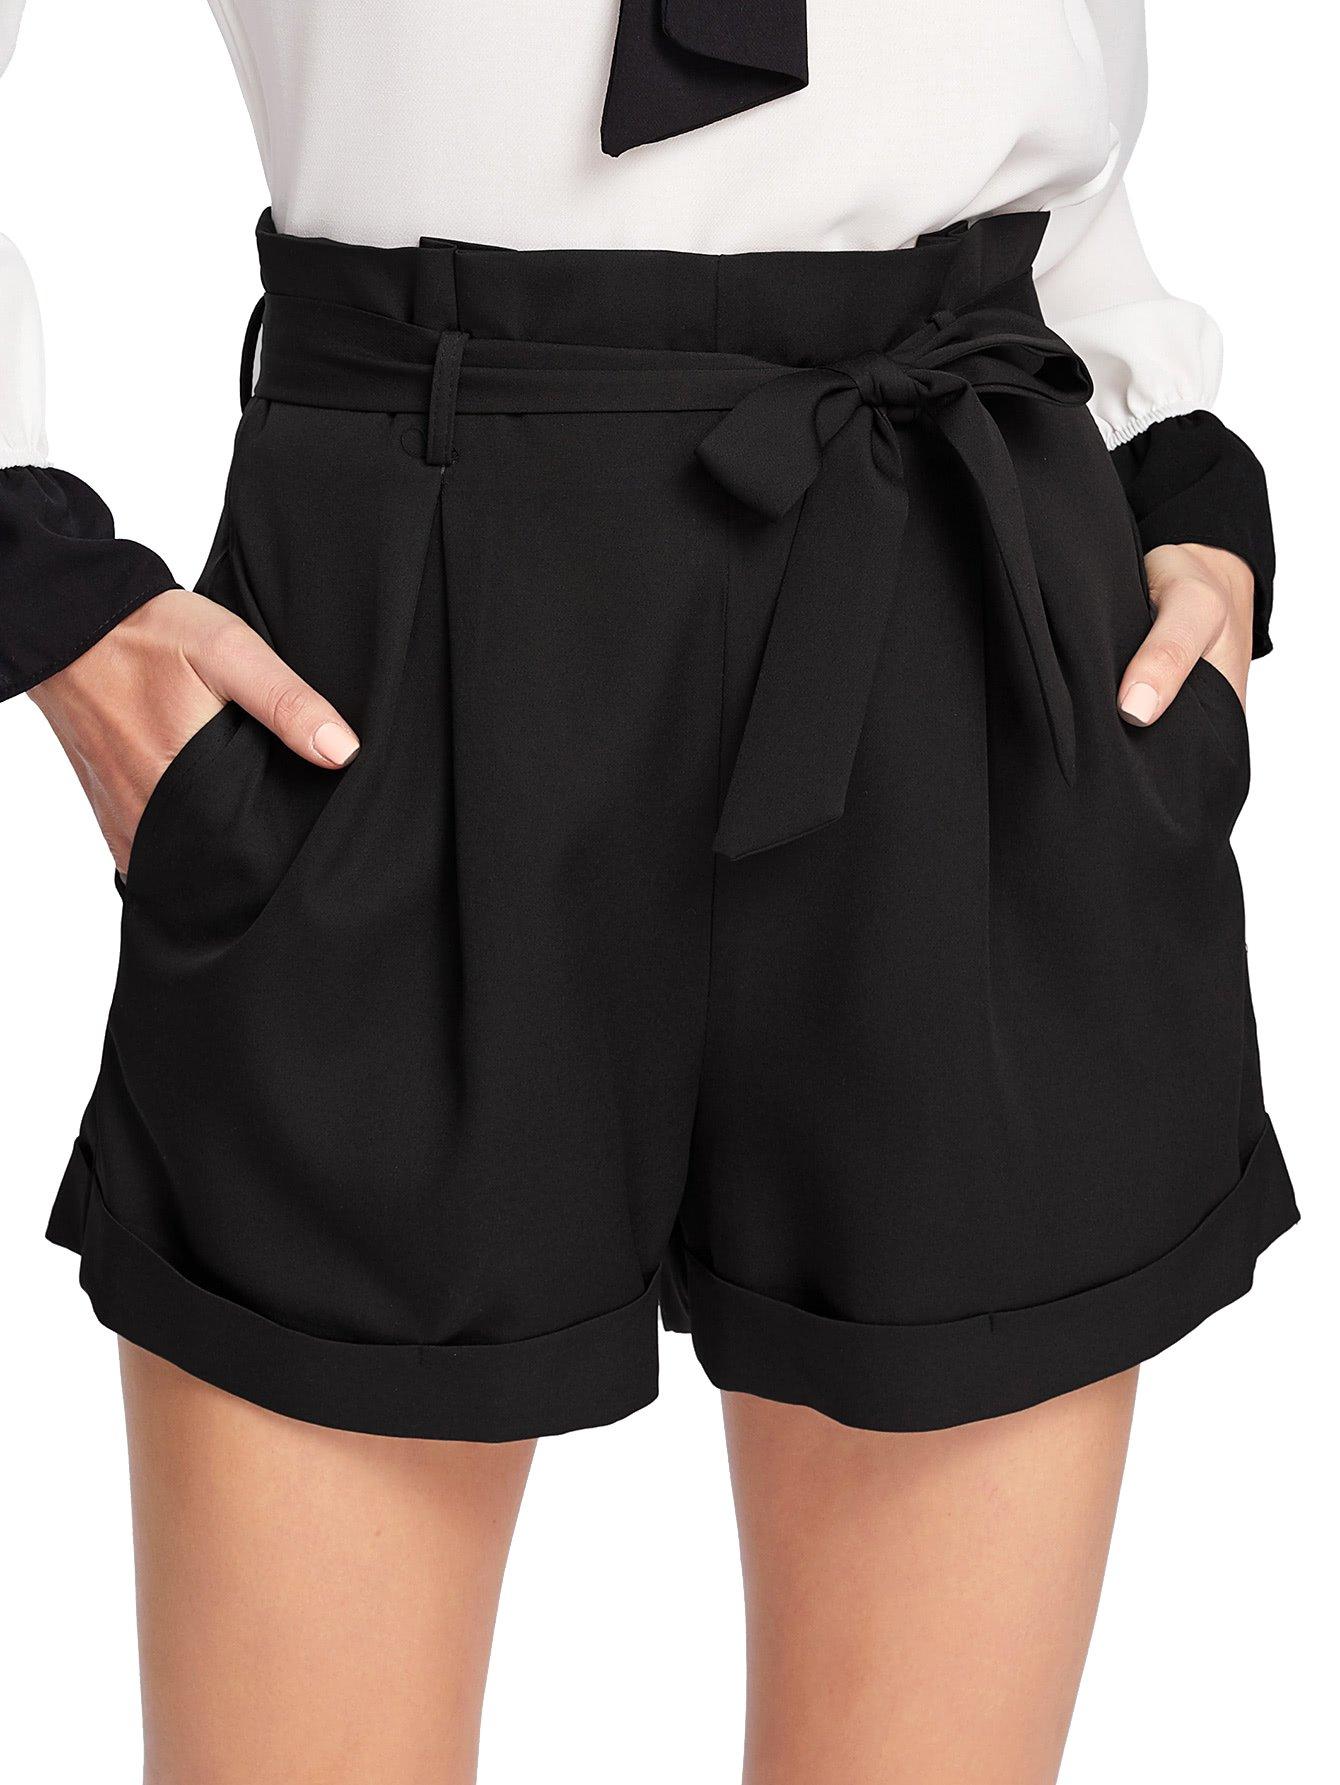 SheIn Women's Tie Waist Inseam Pocket Side Plaid Shorts Black Medium